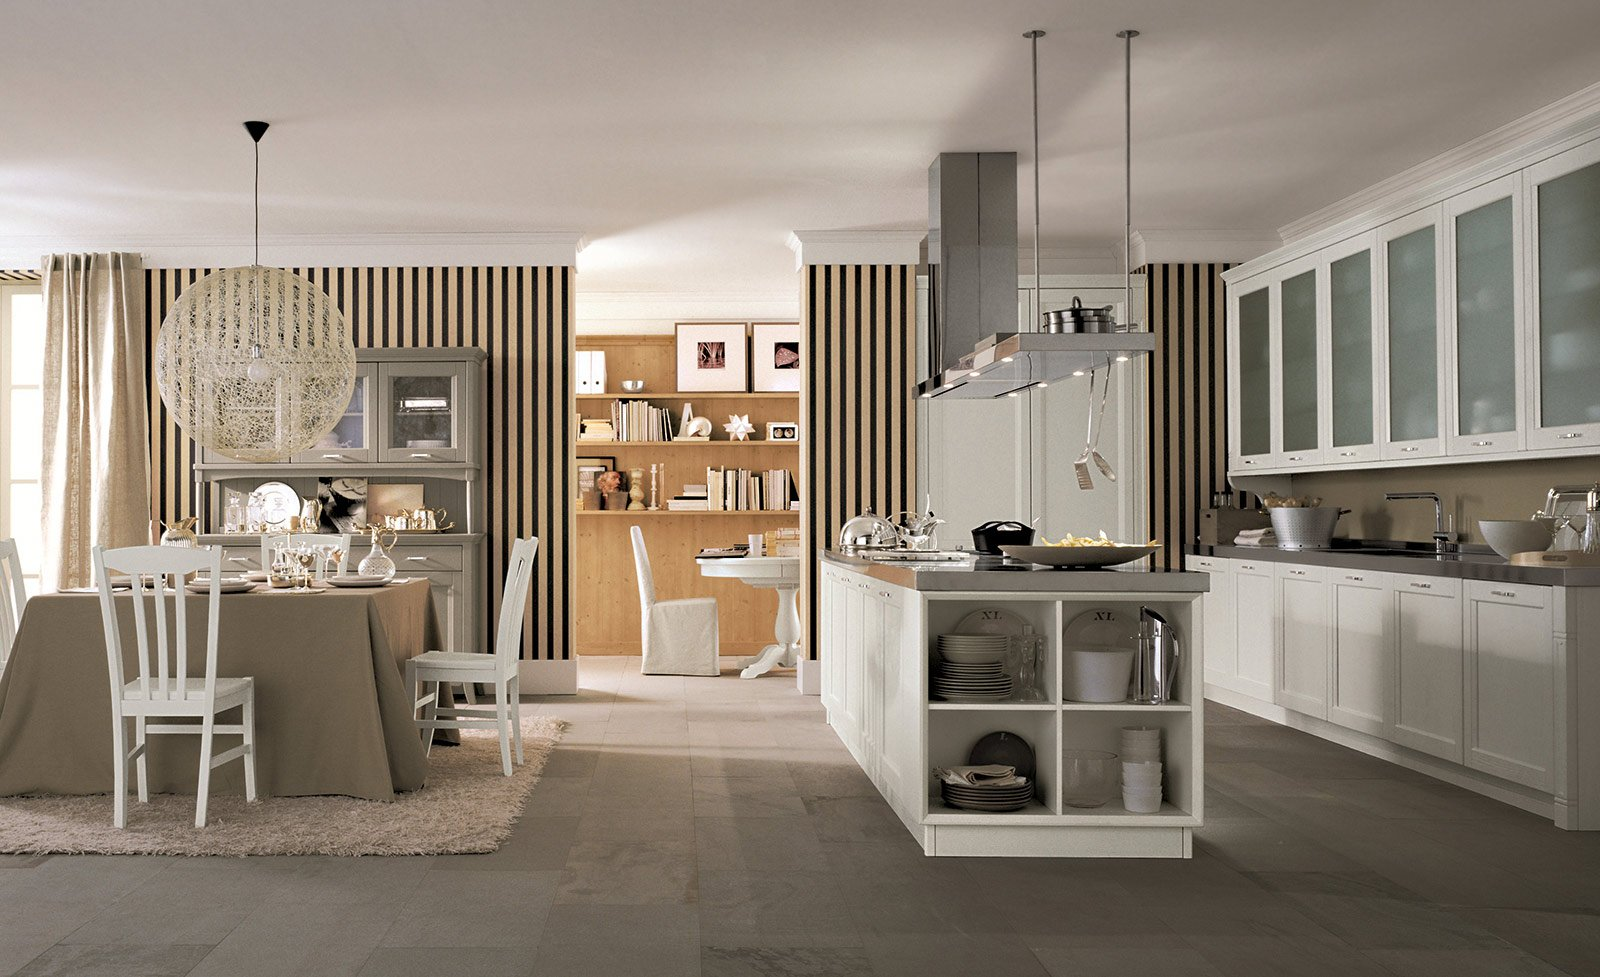 Verniciare Ante Cucina Legno. Amazing Gallery Of Ante Cucina Legno ...